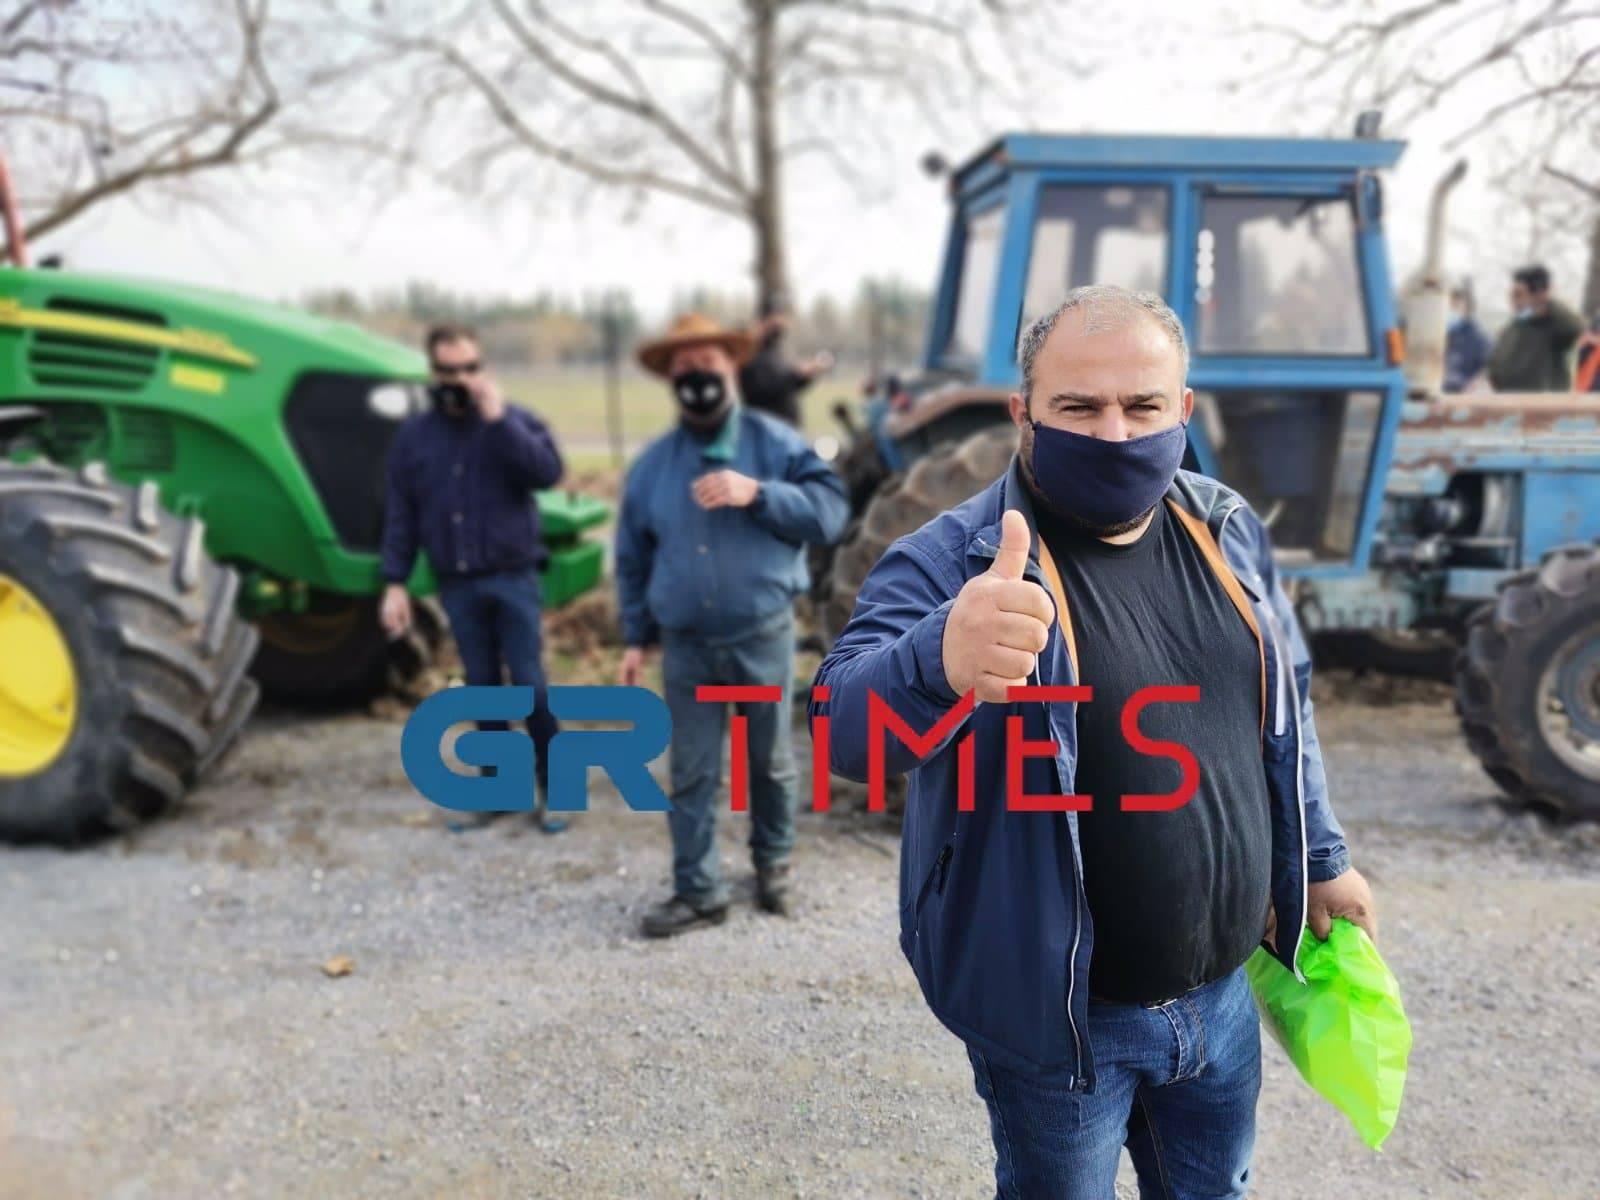 Γιαννιτσά: «Δεν είμαστε ζητιάνοι και θα το καταλάβουν» – Αγρότες έτοιμοι για όλα (pics)